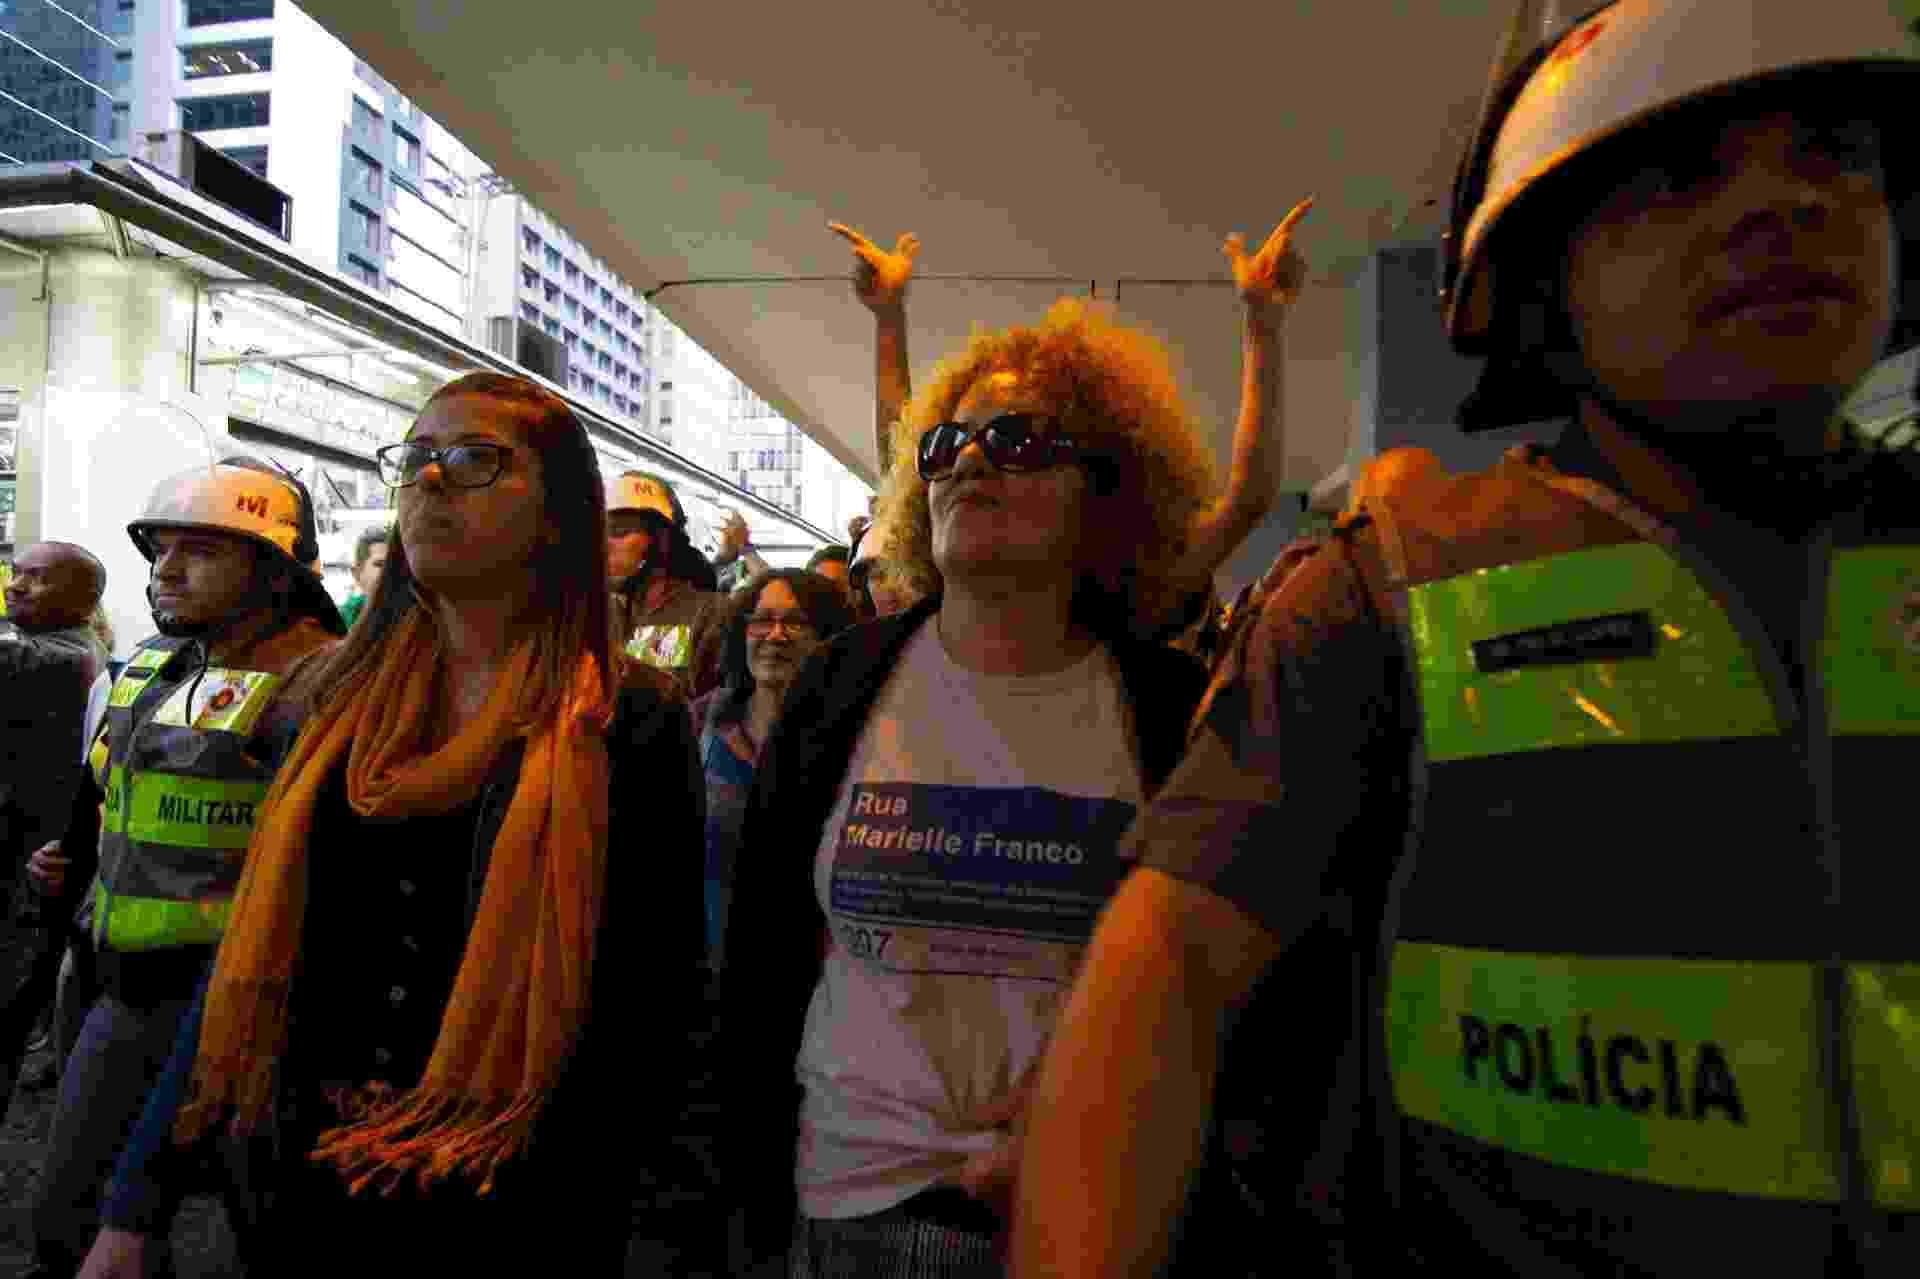 26.mai.2019 - Uma mulher que usava uma camiseta em homenagem à vereadora morta Marielle Franco é escoltada por policiais militares após ser hostilizada ao final da manifestação em favor do presidente Jair Bolsonaro na tarde deste domingo na avenida Paulista - KEVIN DAVID/A7 PRESS/ESTADÃO CONTEÚDO